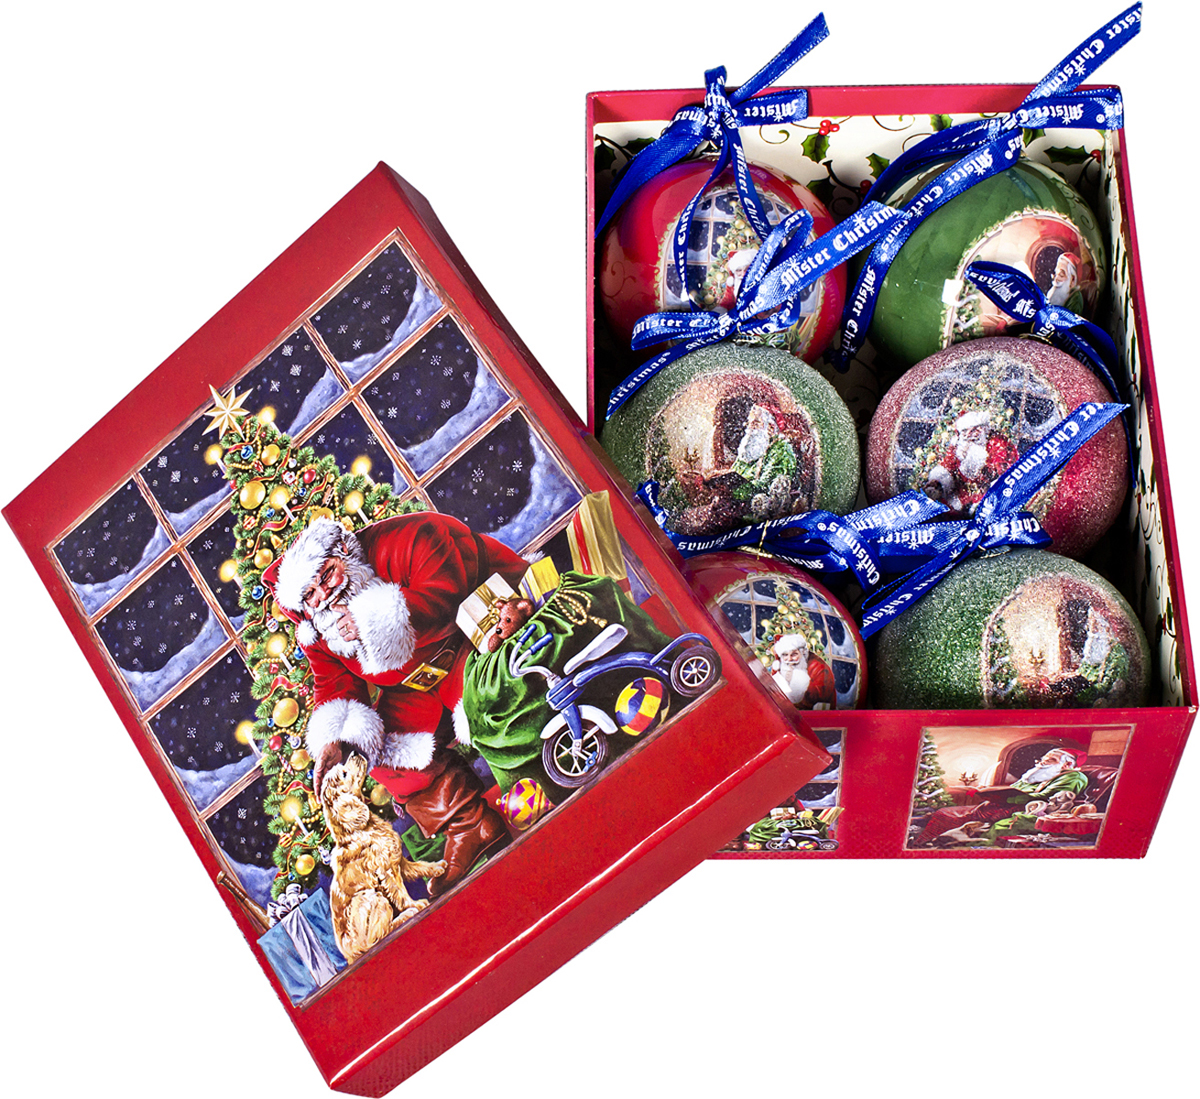 Набор новогодних подвесных украшений Mister Christmas Папье-маше, диаметр 7,5 см, 6 шт. PM-47-6 mister miracle